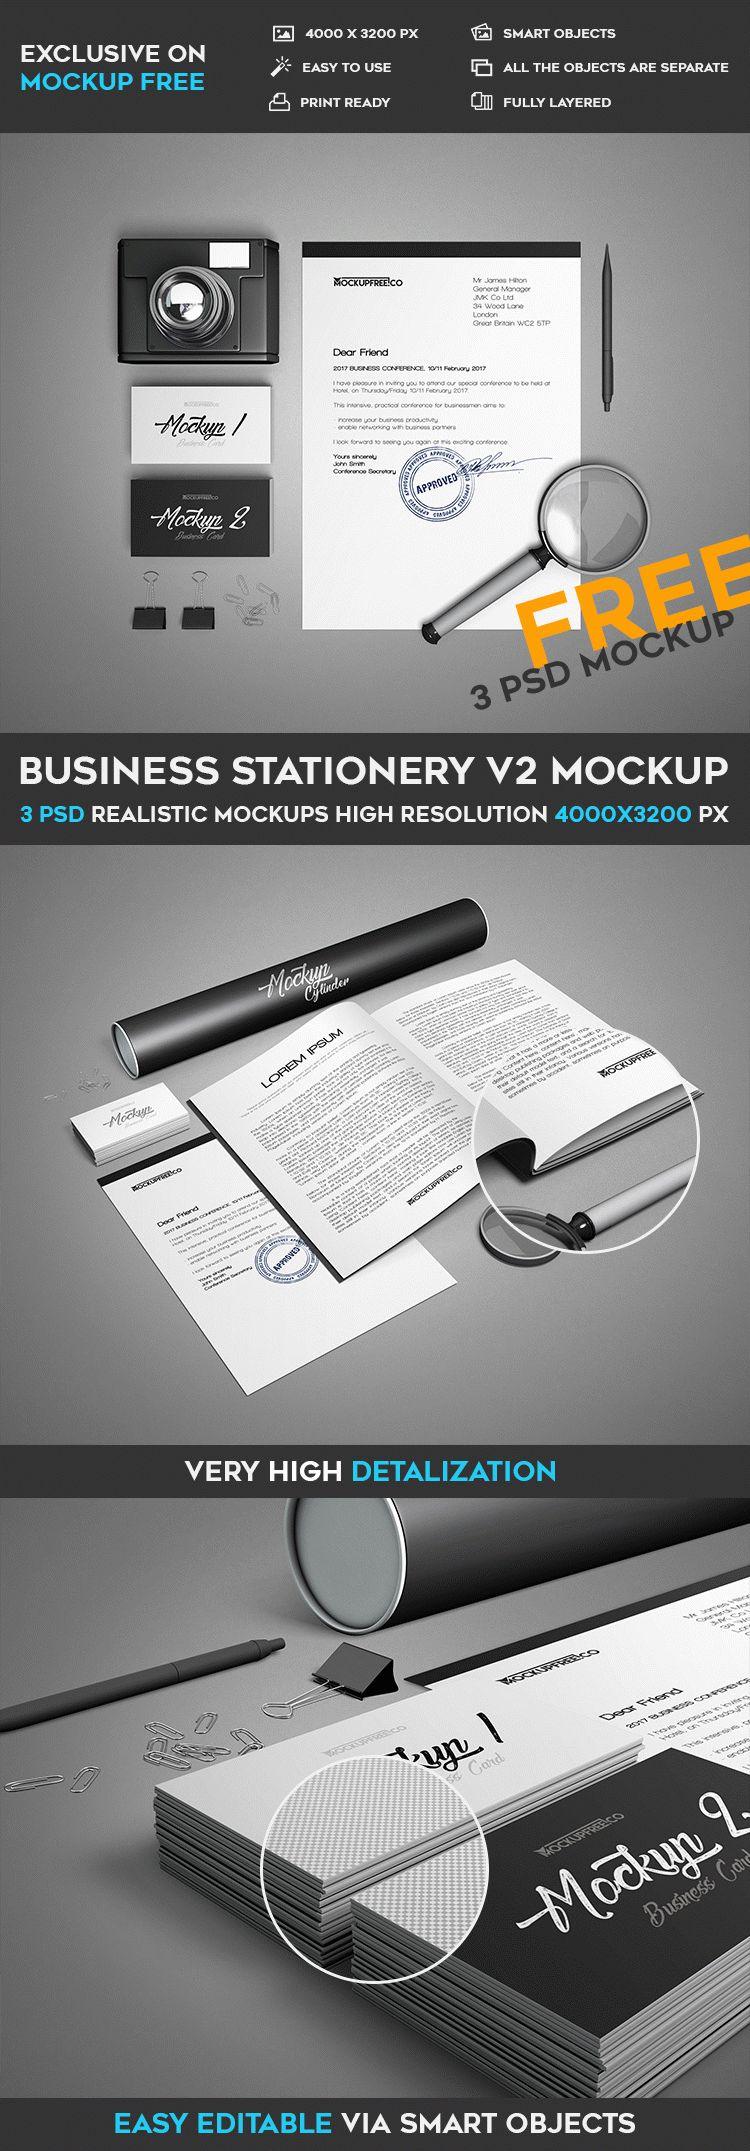 Image Result For Basic Professional Business Cardsa